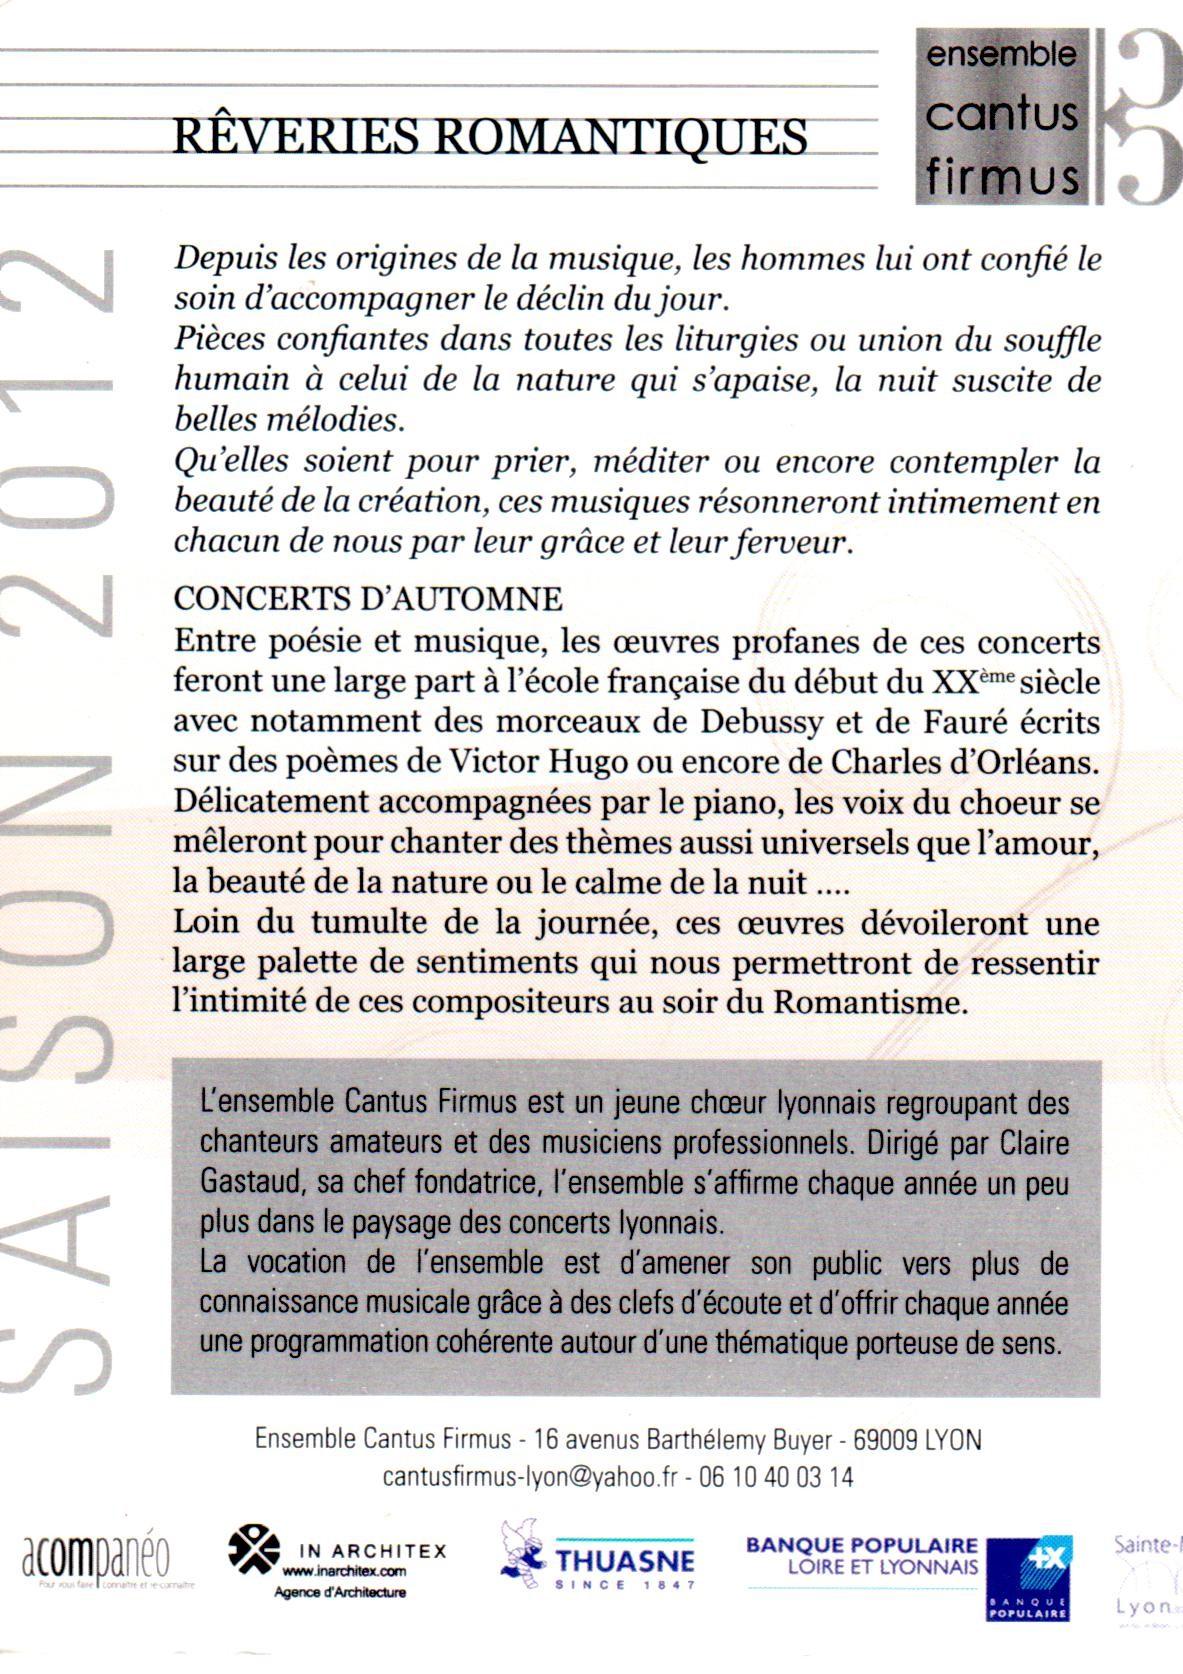 2012-10_REVERIES ROMANTIQUES (2)